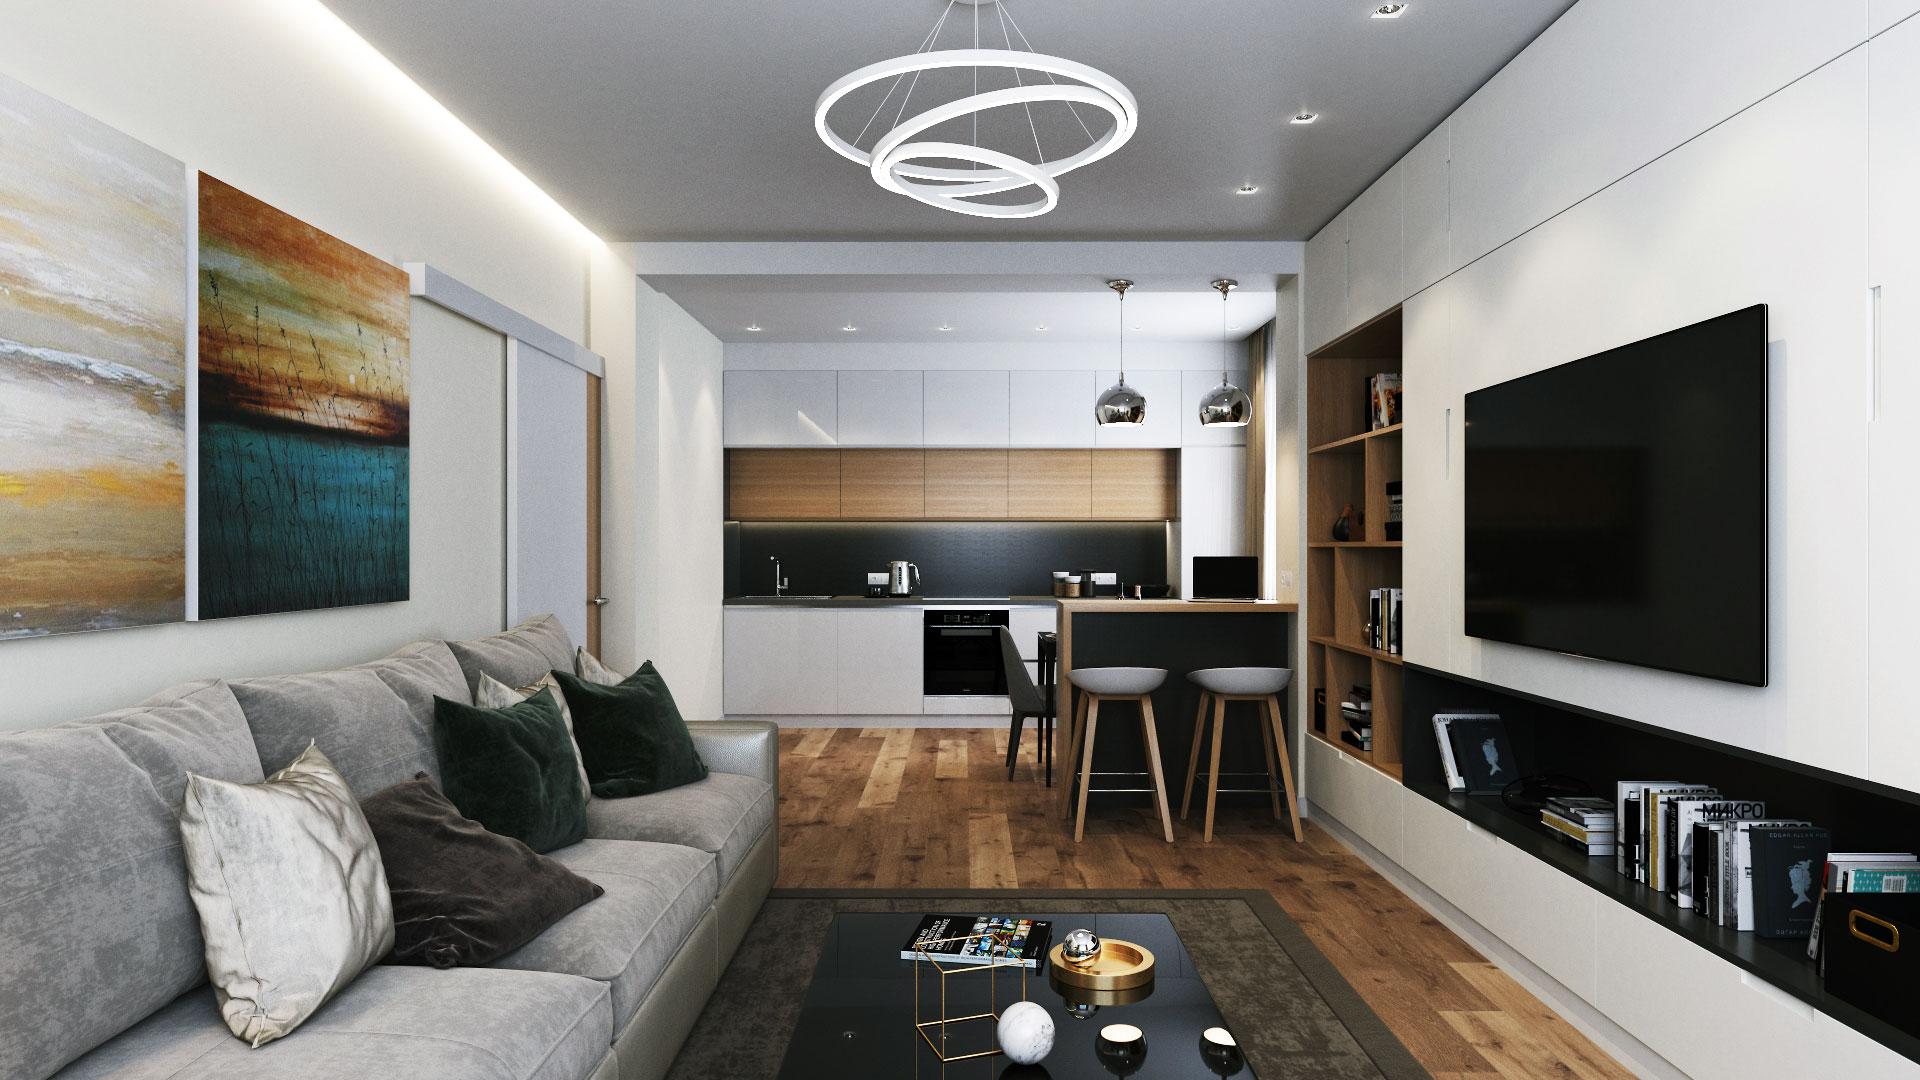 Современный дизайн интерьера трехкомнатной квартиры 80 кв. м. г. Липецк ул. Коцаря.